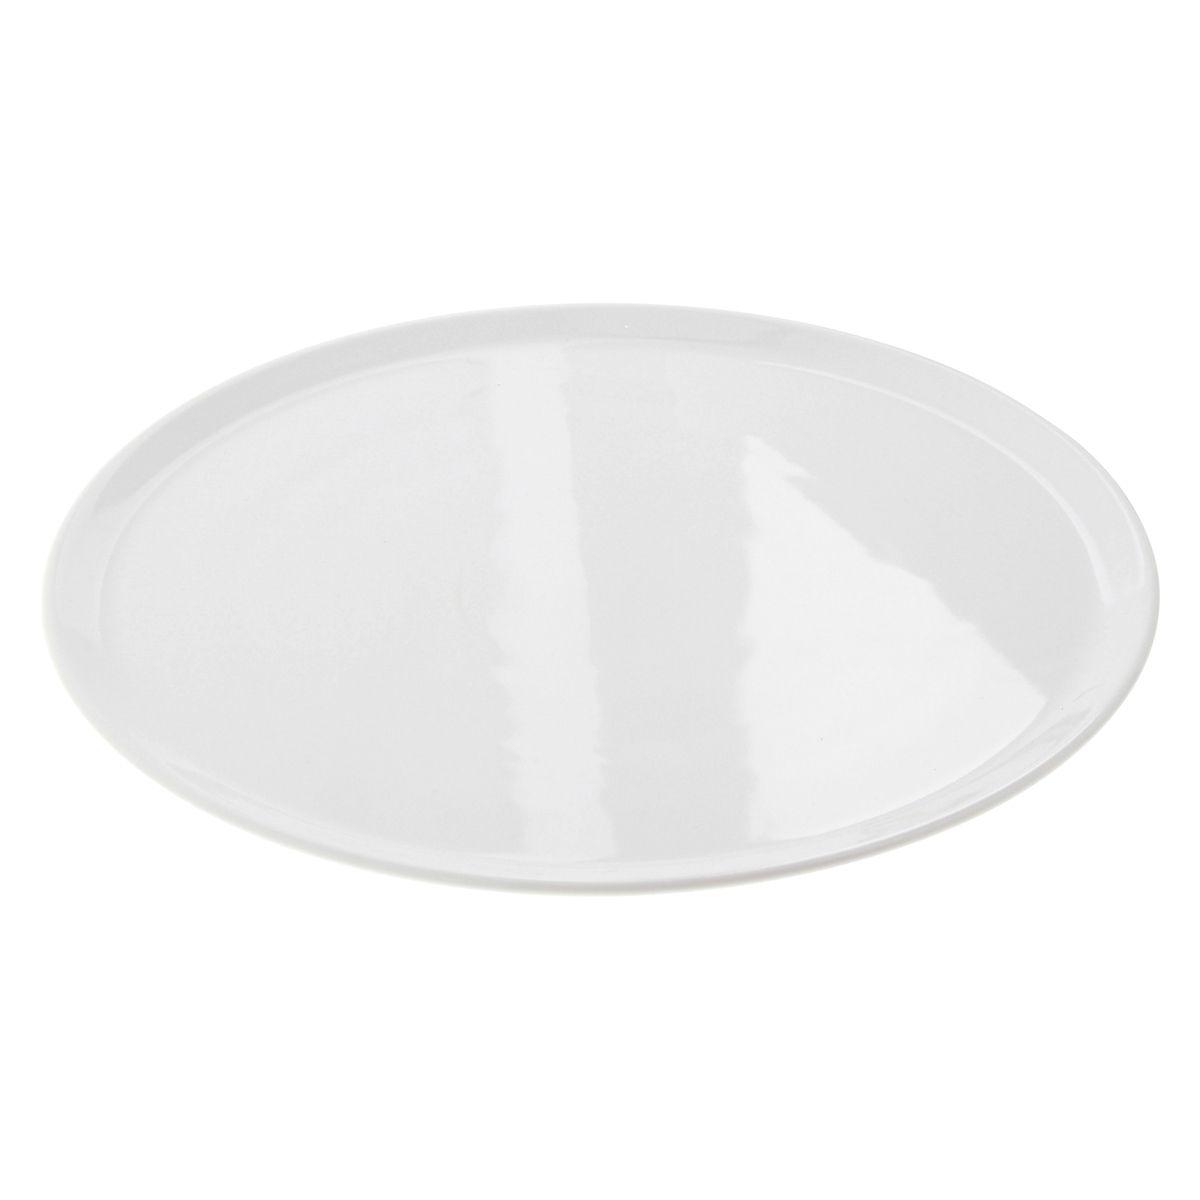 Plat à gâteau en porcelaine blanche 33cm - Aerts